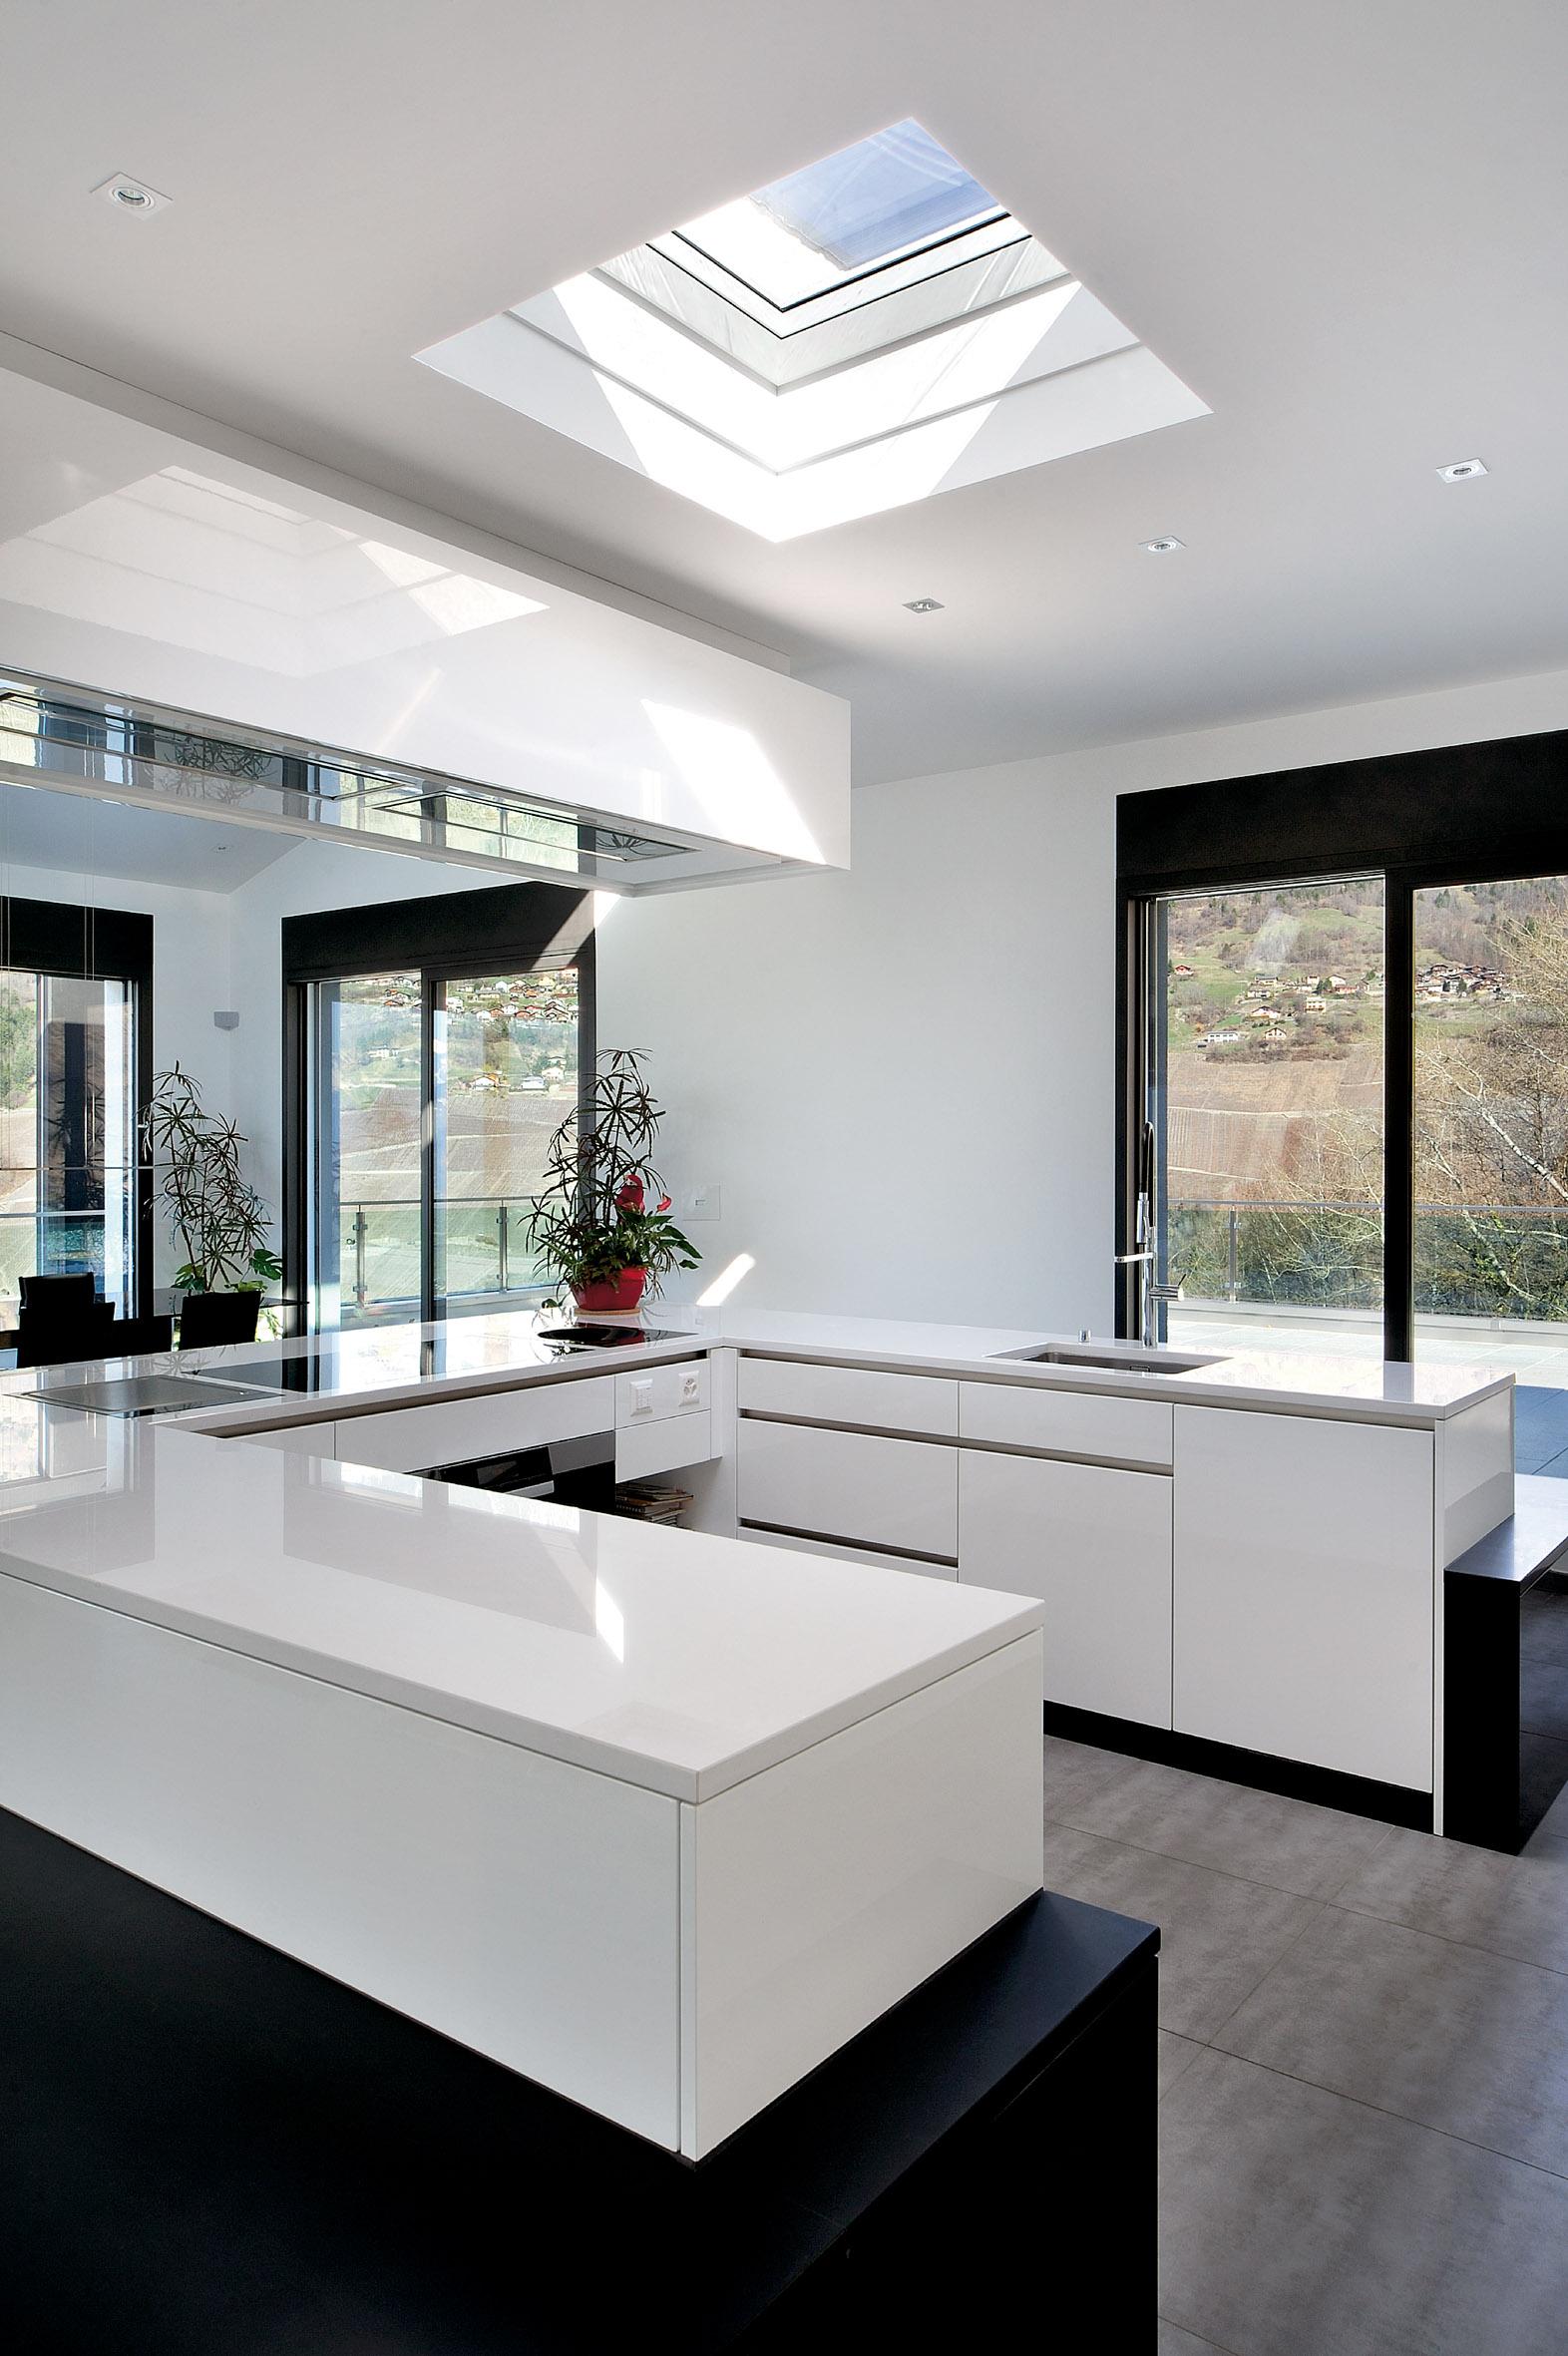 Keuken met VELUX lichtkoepel met buitenzonwering op zonne-energie